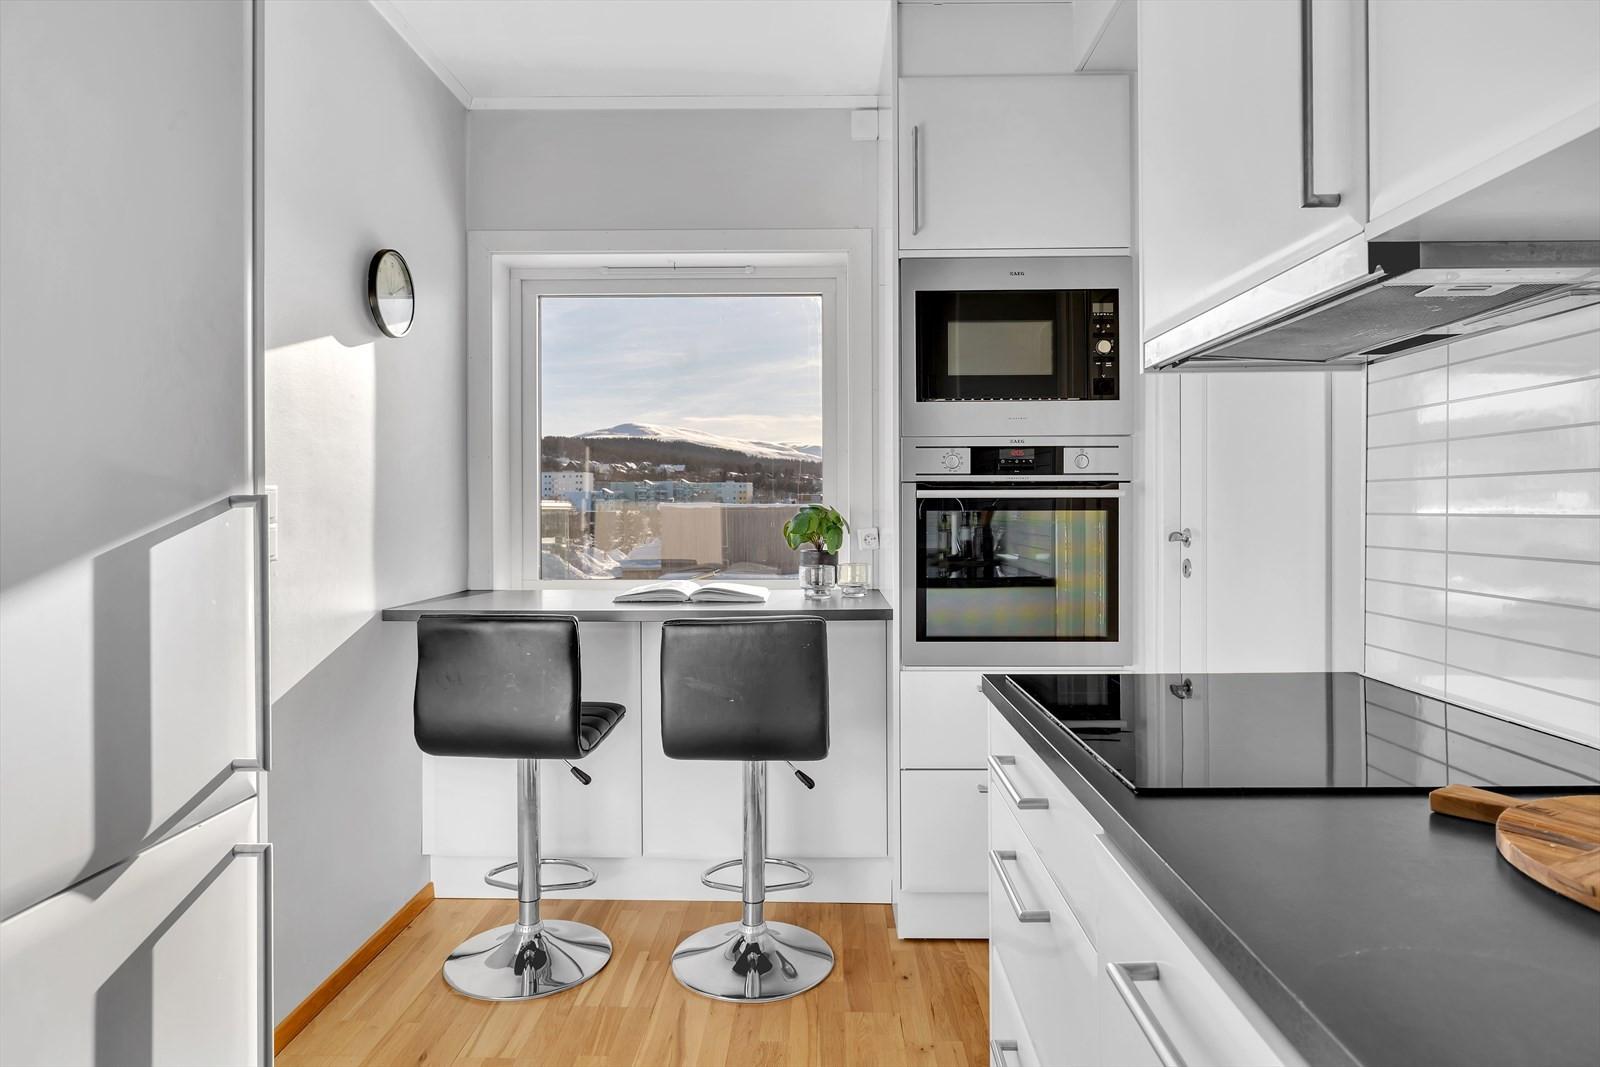 Kjøkken med integrerte hvitevarer og perfekt plass for hjemmekontoret